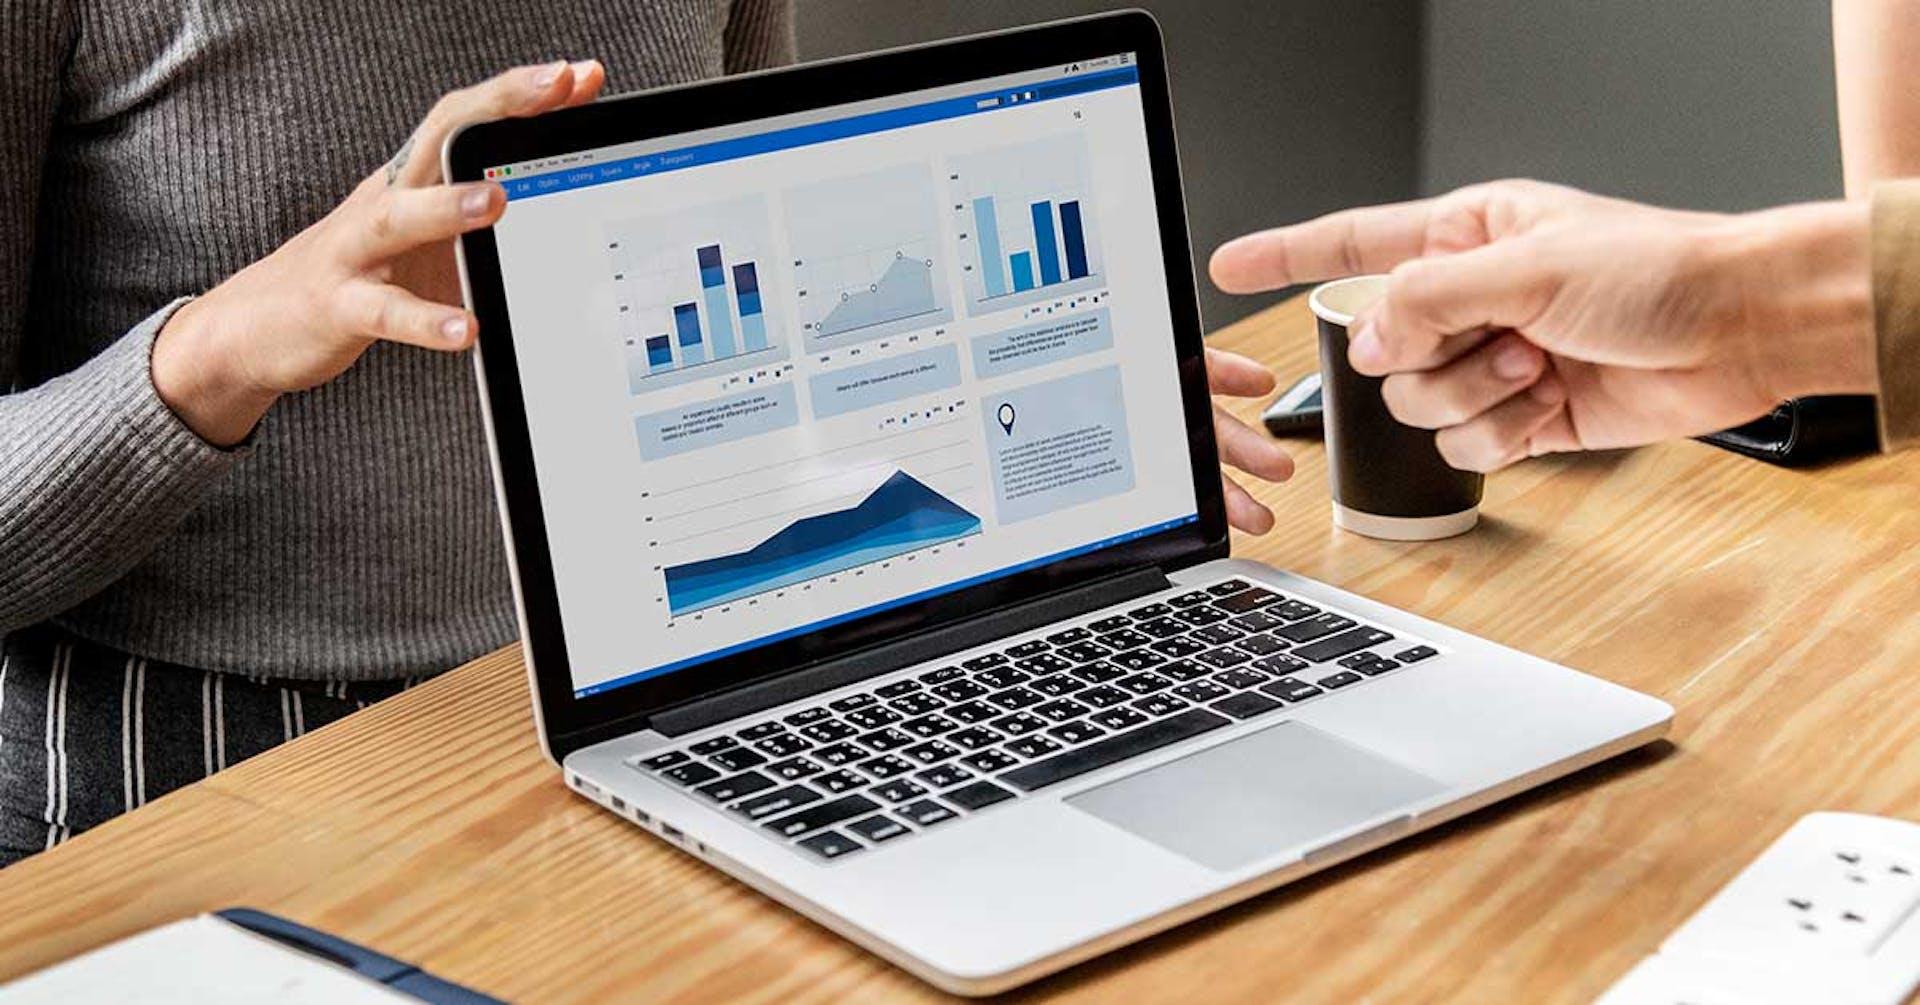 Aprende cómo hacer gráficas en Excel que dejen atónitos a tu jefe y a tus clientes